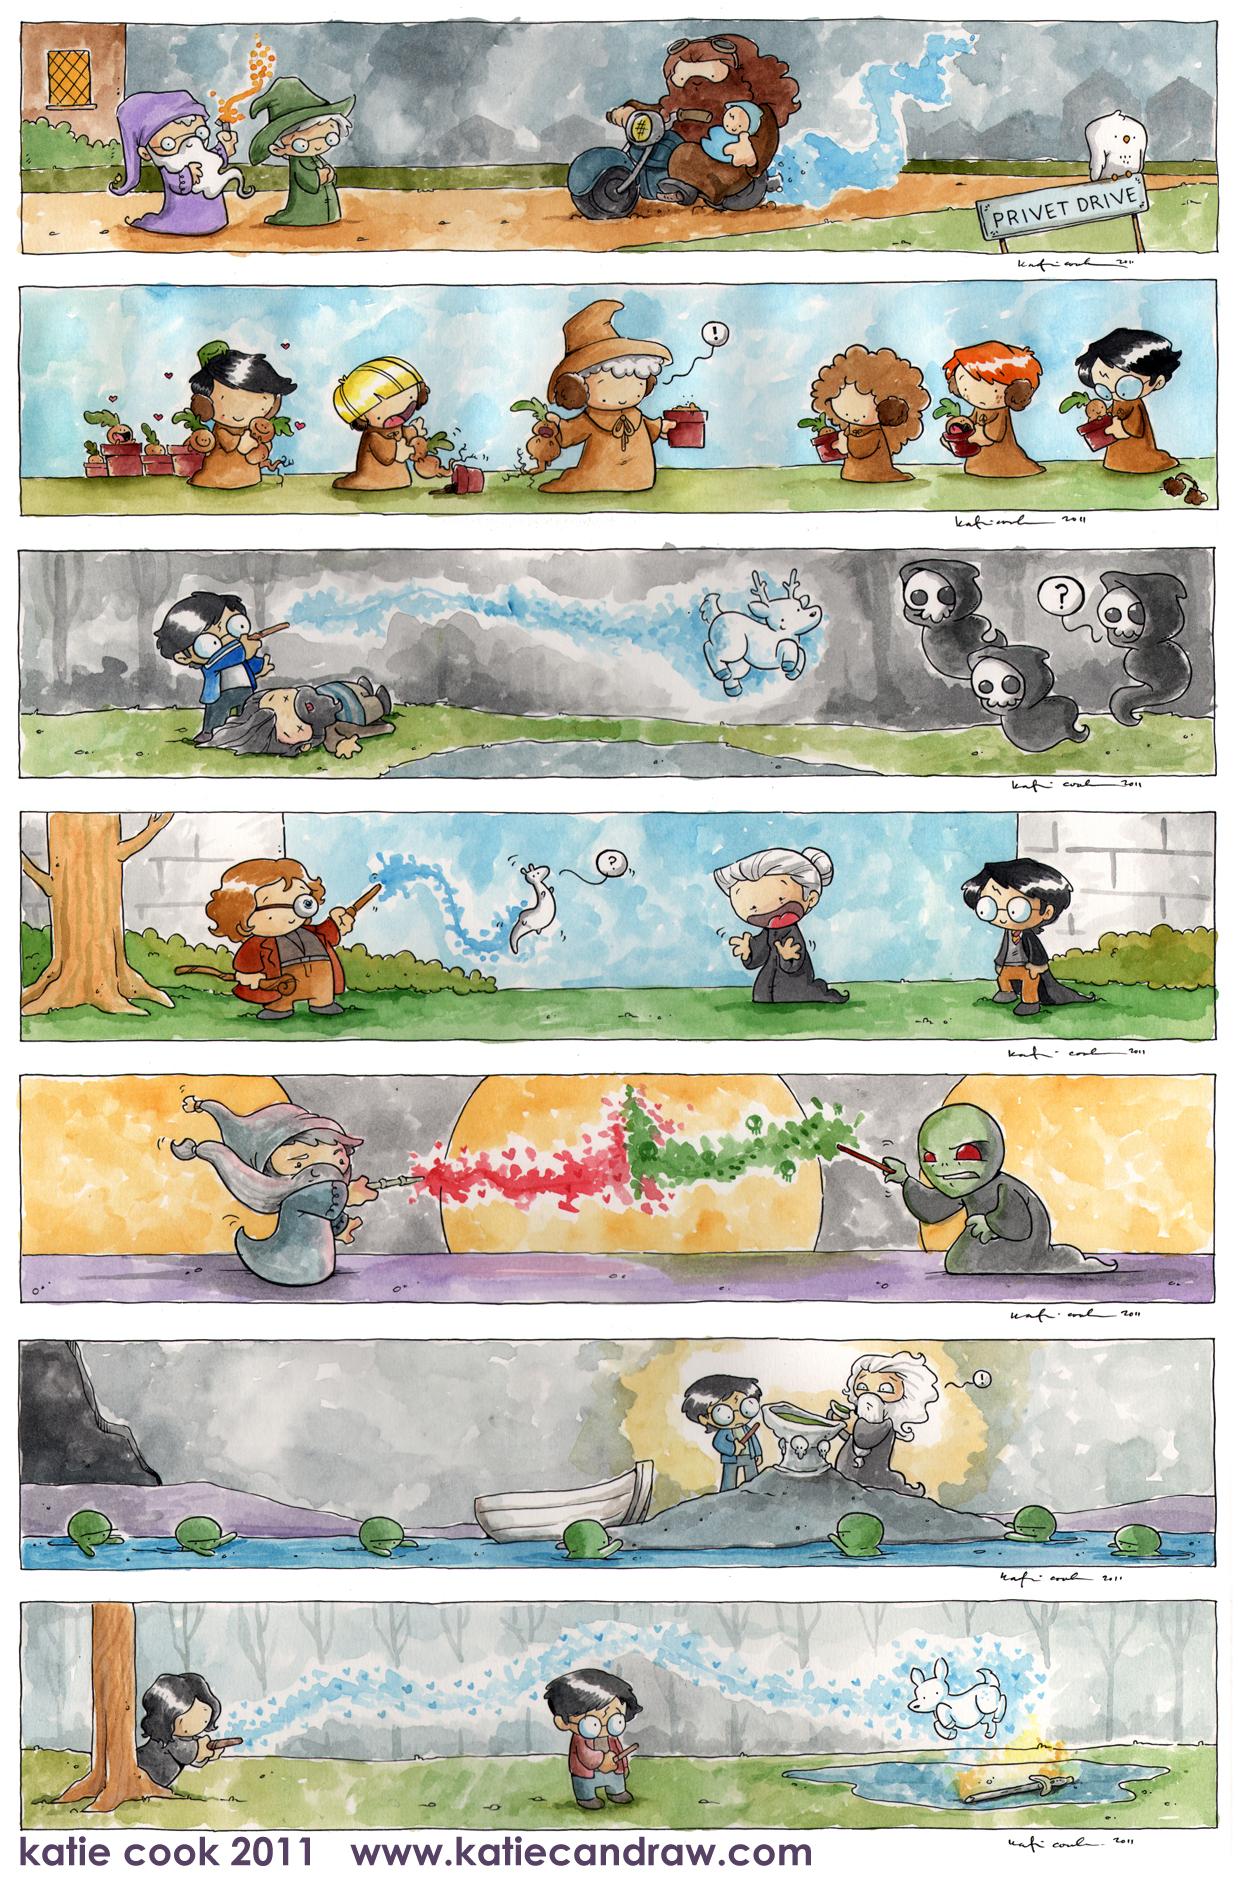 Top Wallpaper Harry Potter Watercolor - 6a00e550a9fd7d88340162fd648892970d-pi  Picture_92773.a/6a00e550a9fd7d88340162fd648892970d-pi